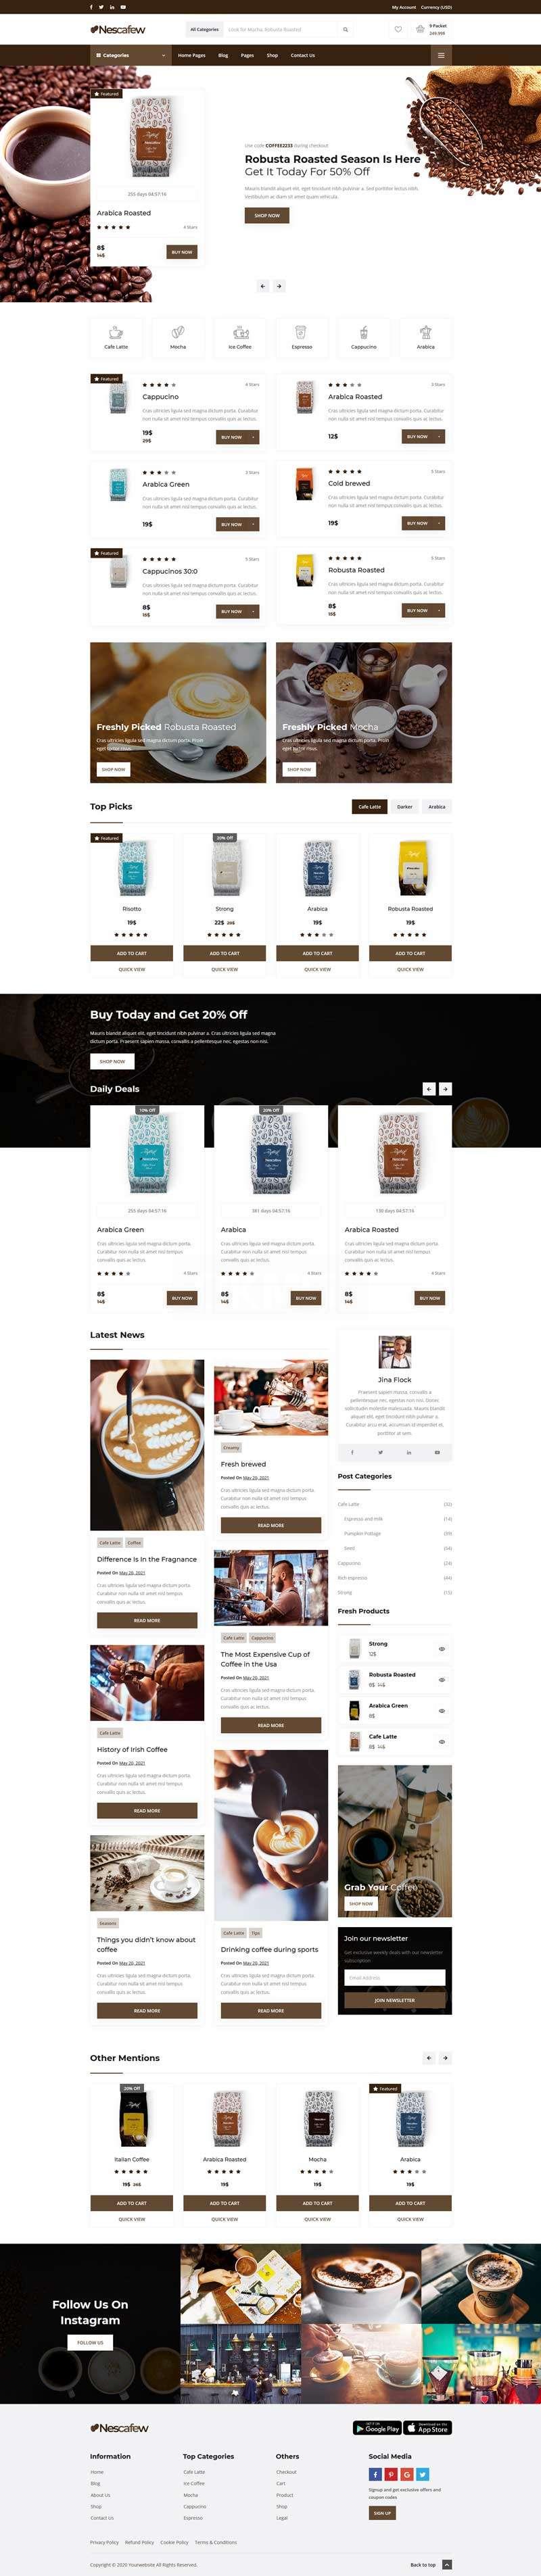 咖啡店铺电商网站HTML模板